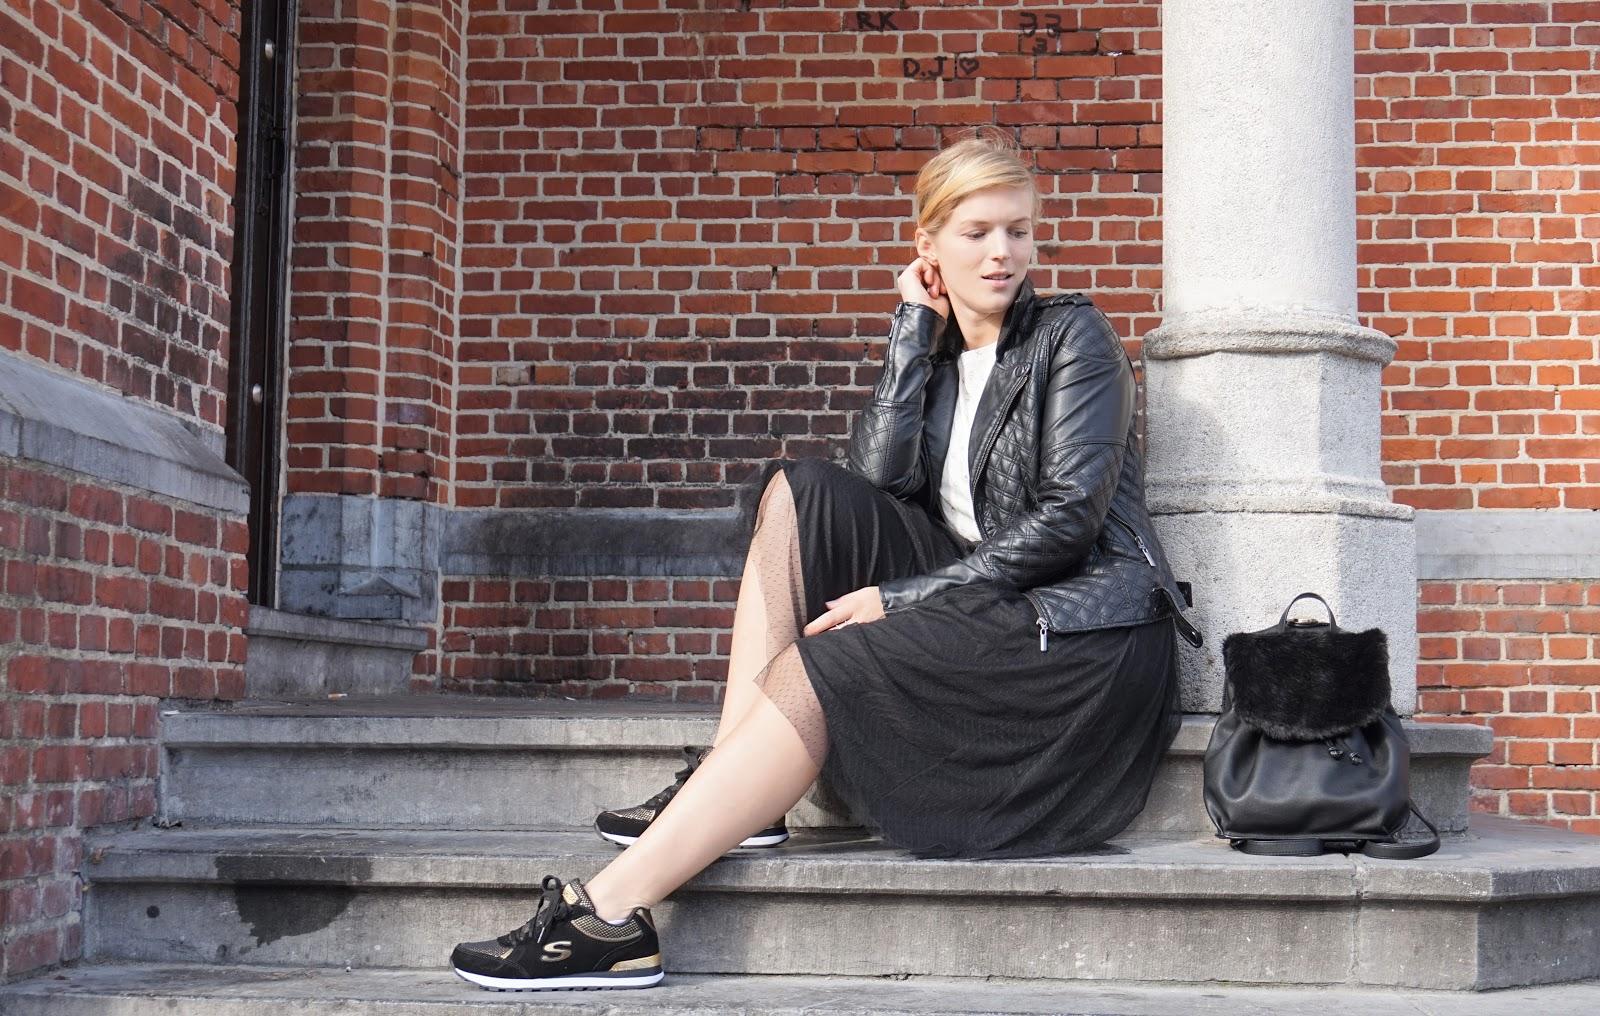 DSC09142 | Eline Van Dingenen